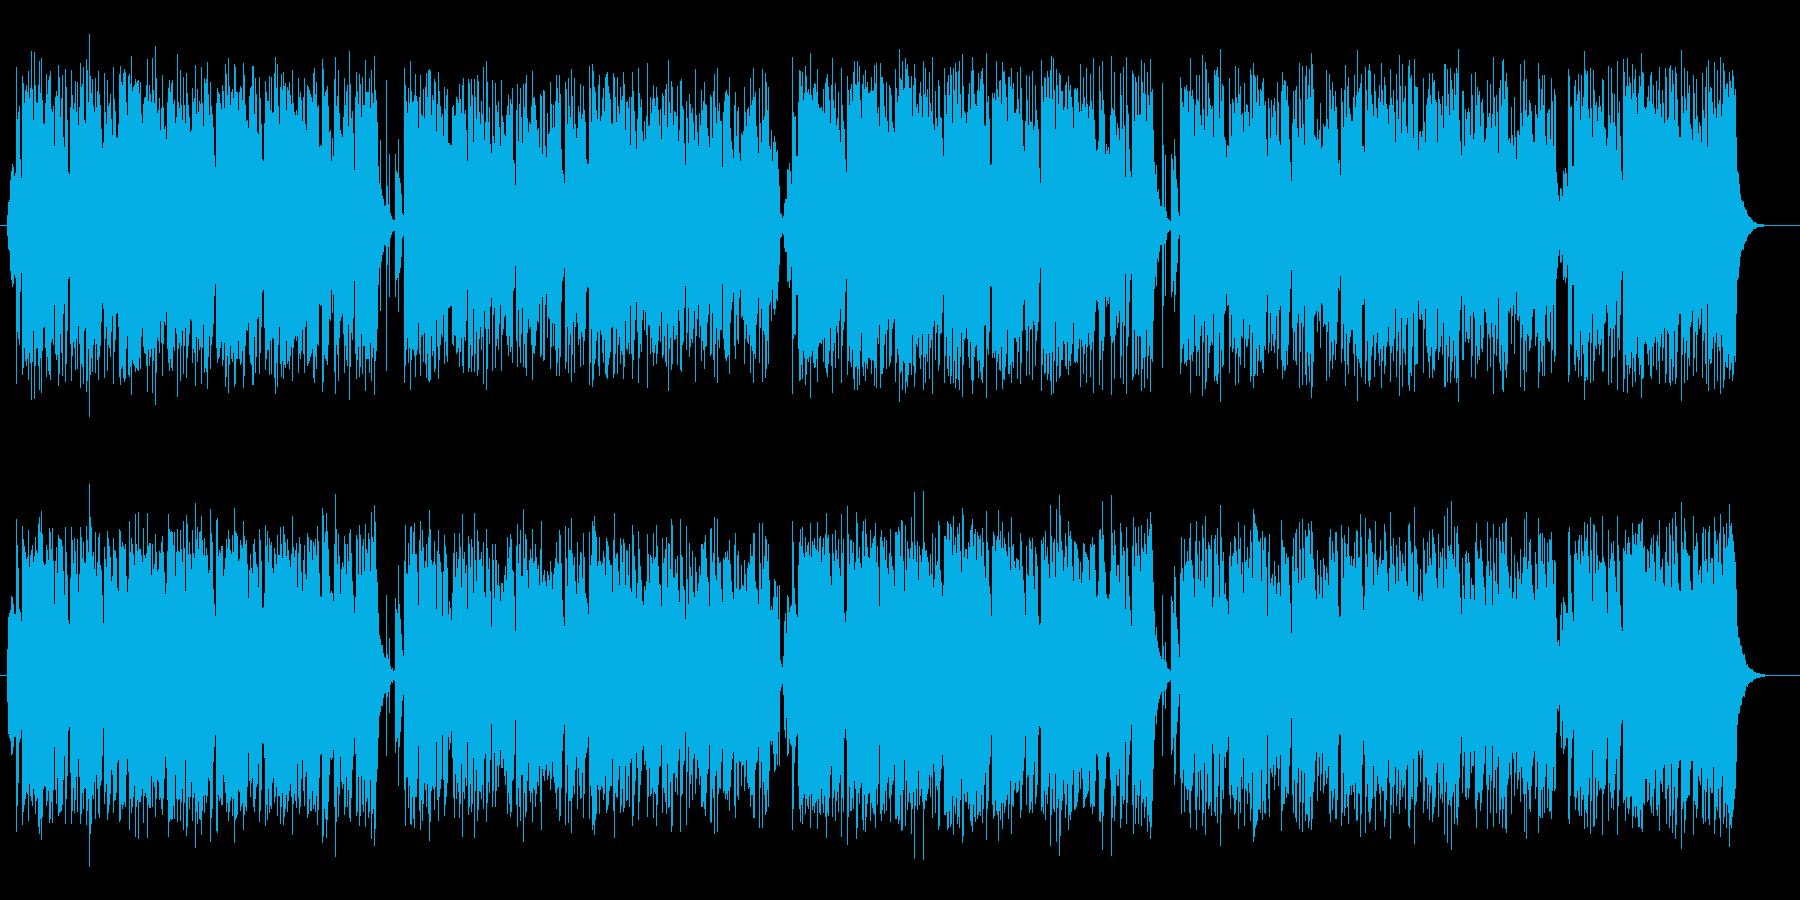 明るいアップテンポの前向きな曲の再生済みの波形